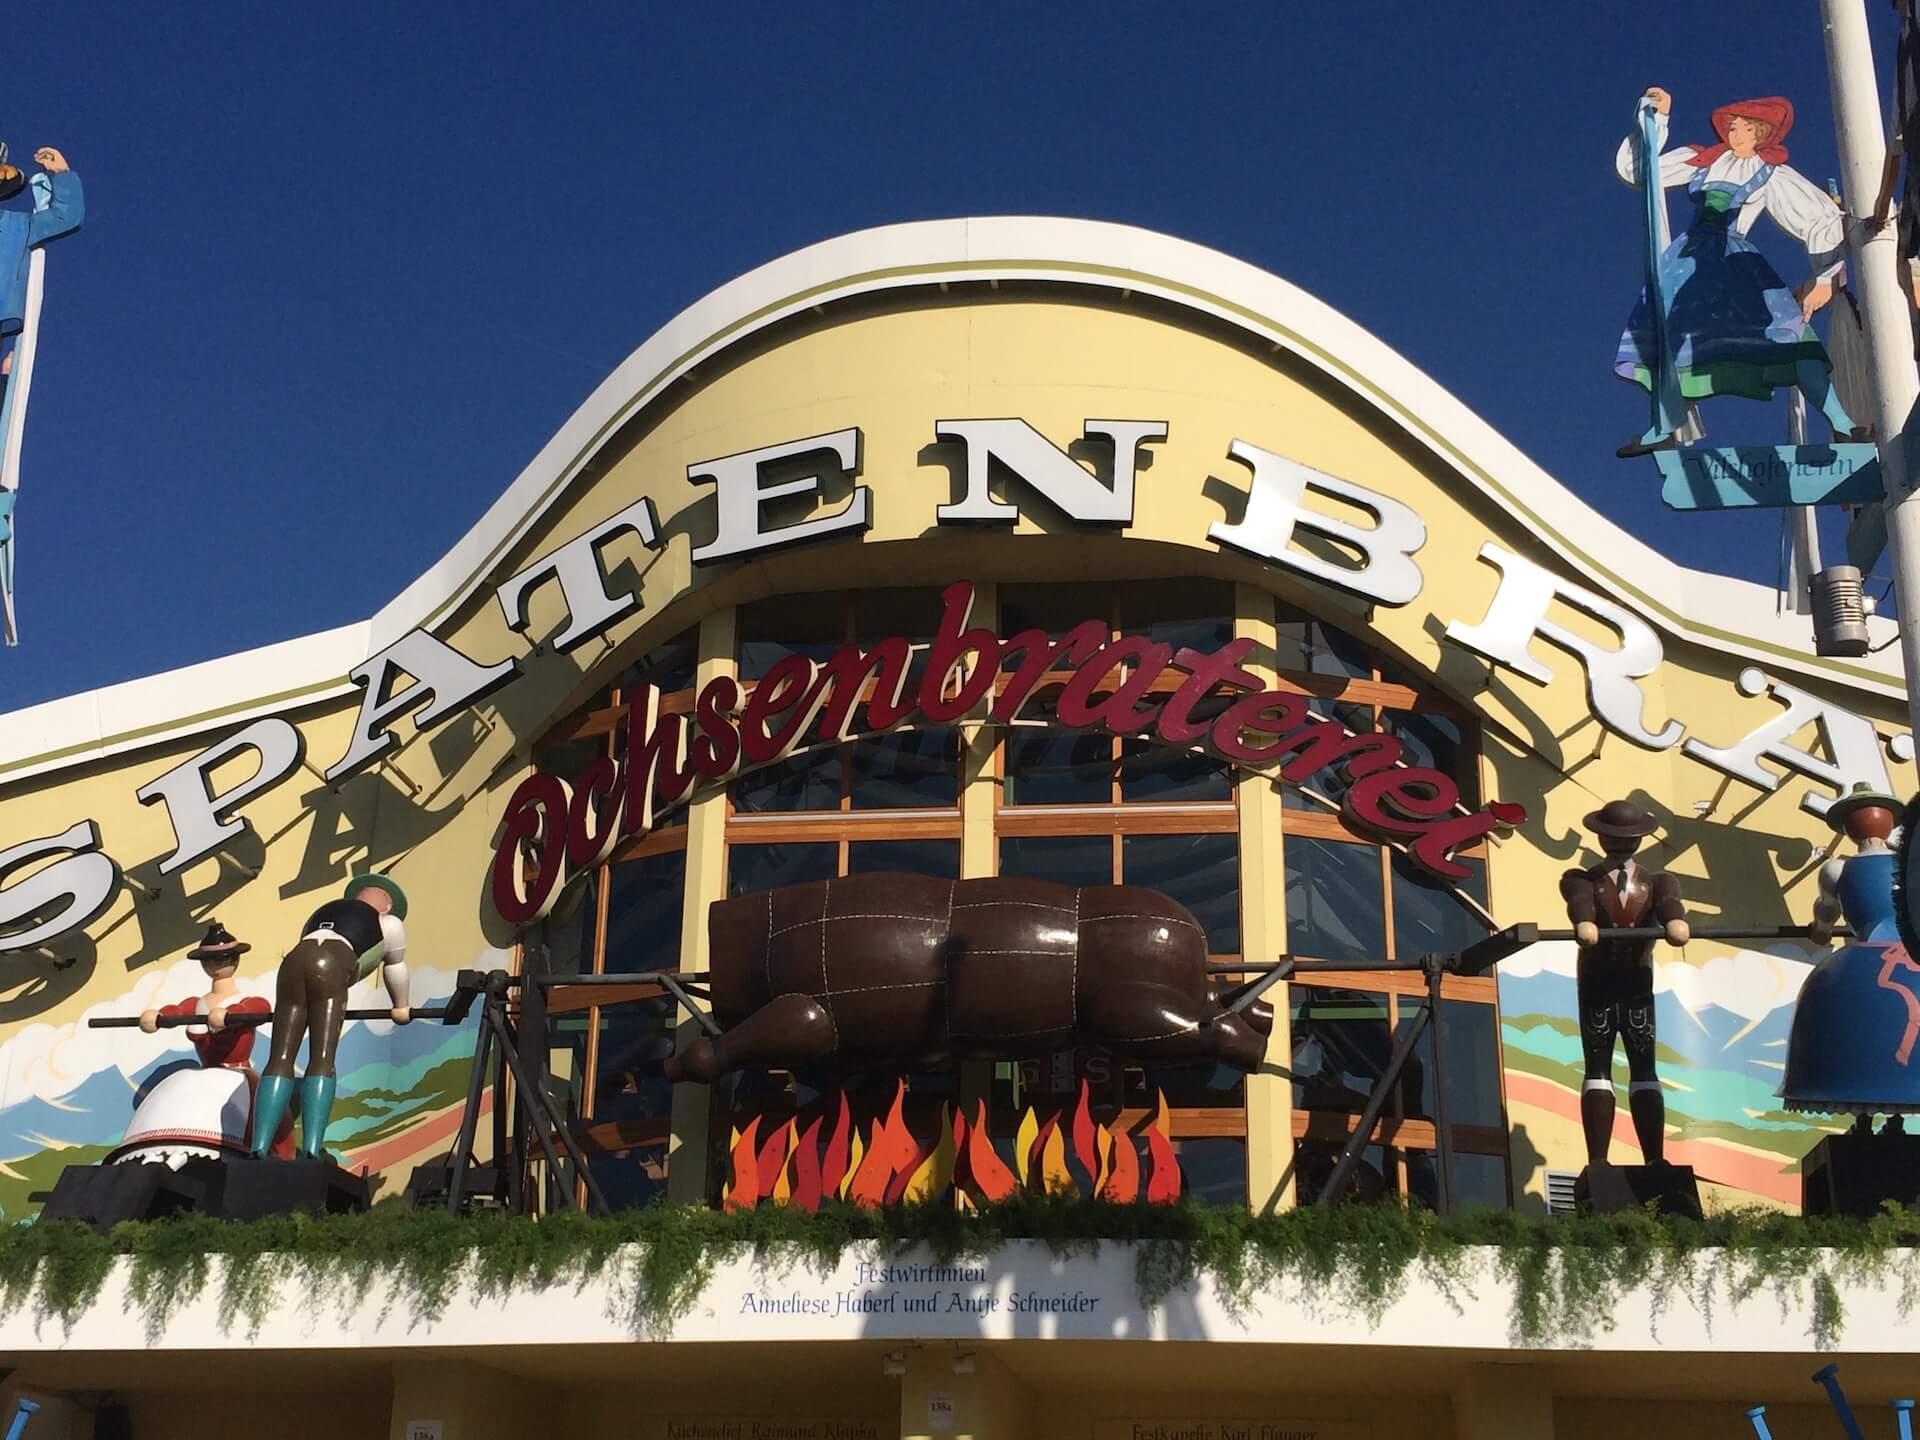 Oktoberfest Beer Tent - Oschenbraterie